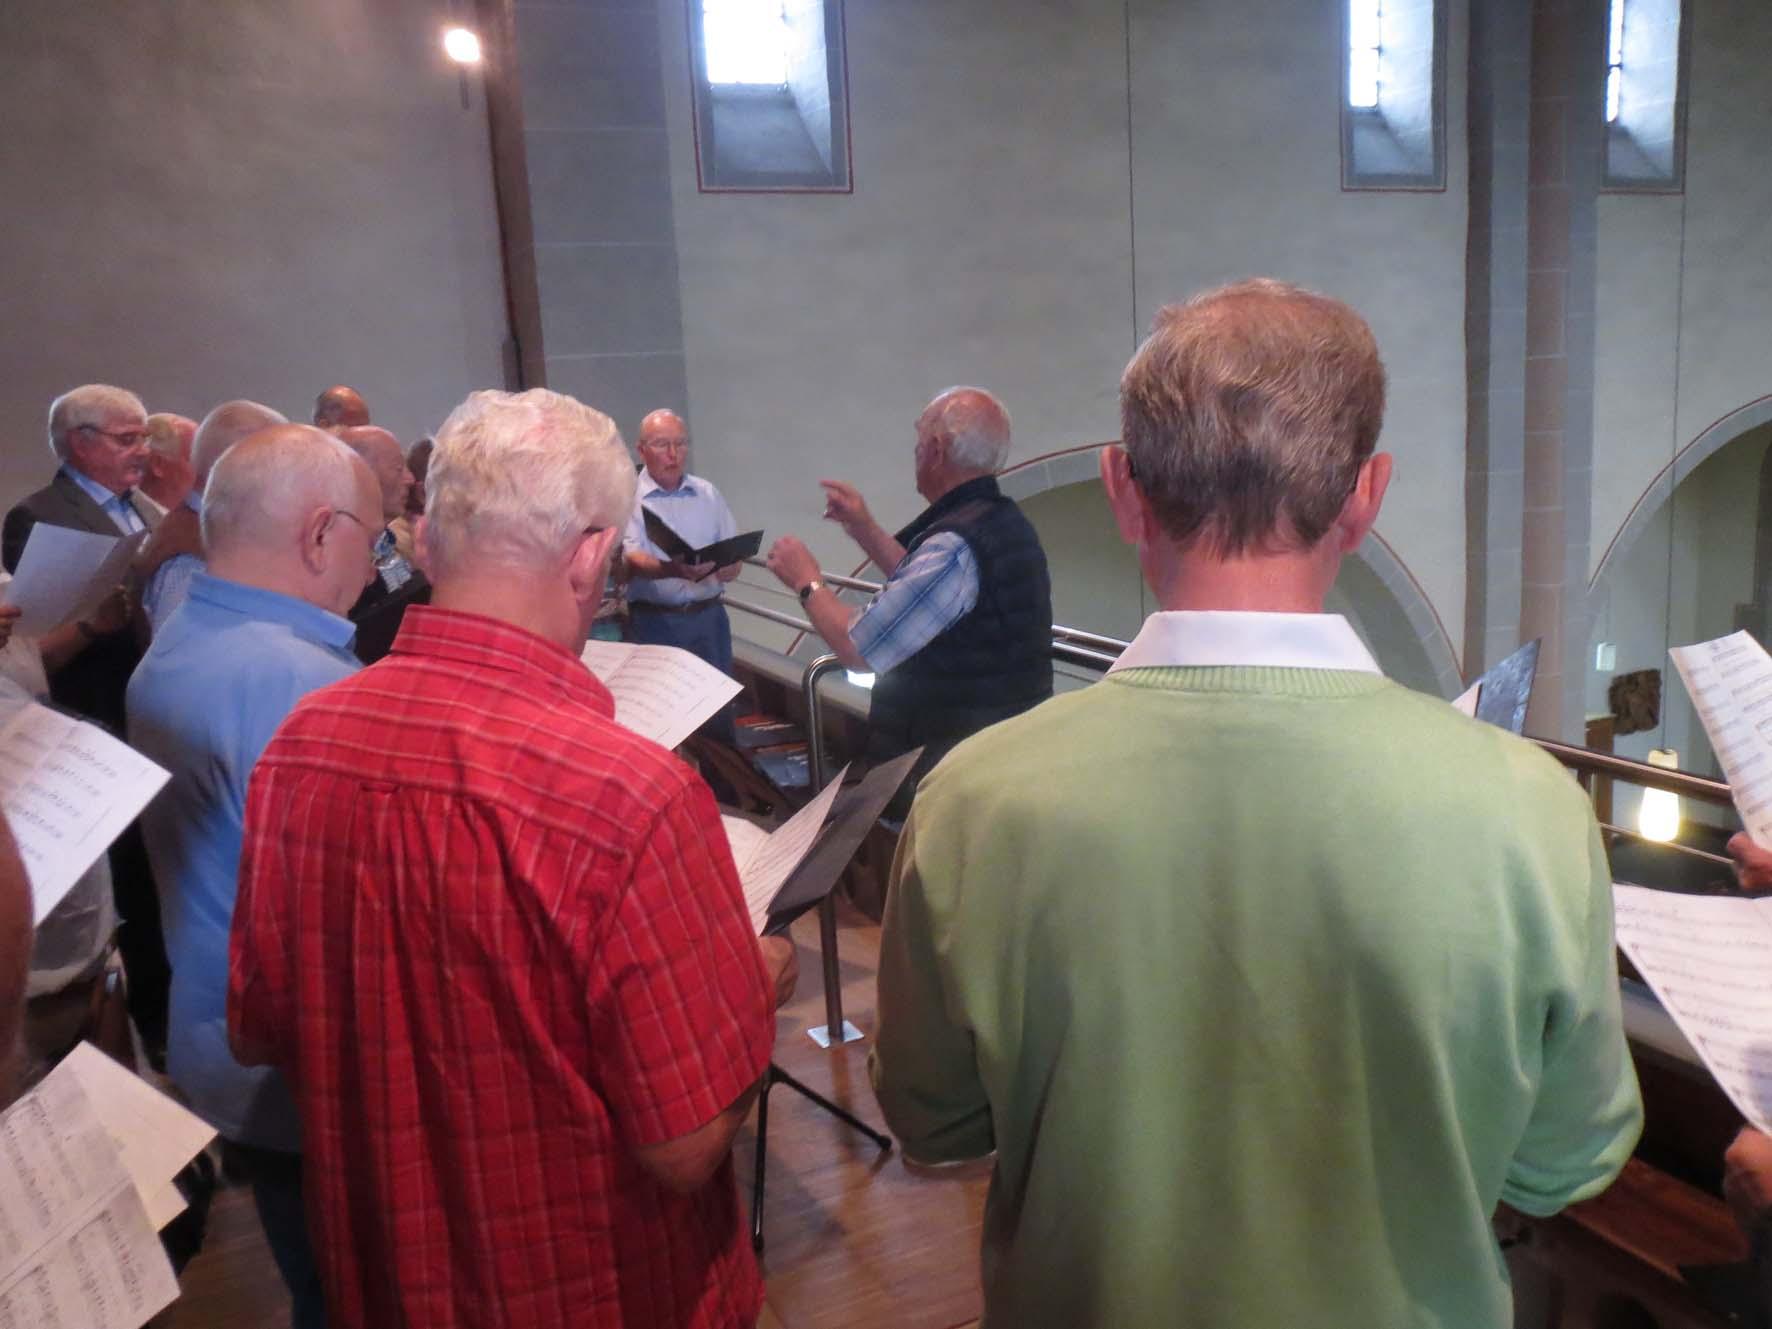 Chor mit Dirigent vor Orgel